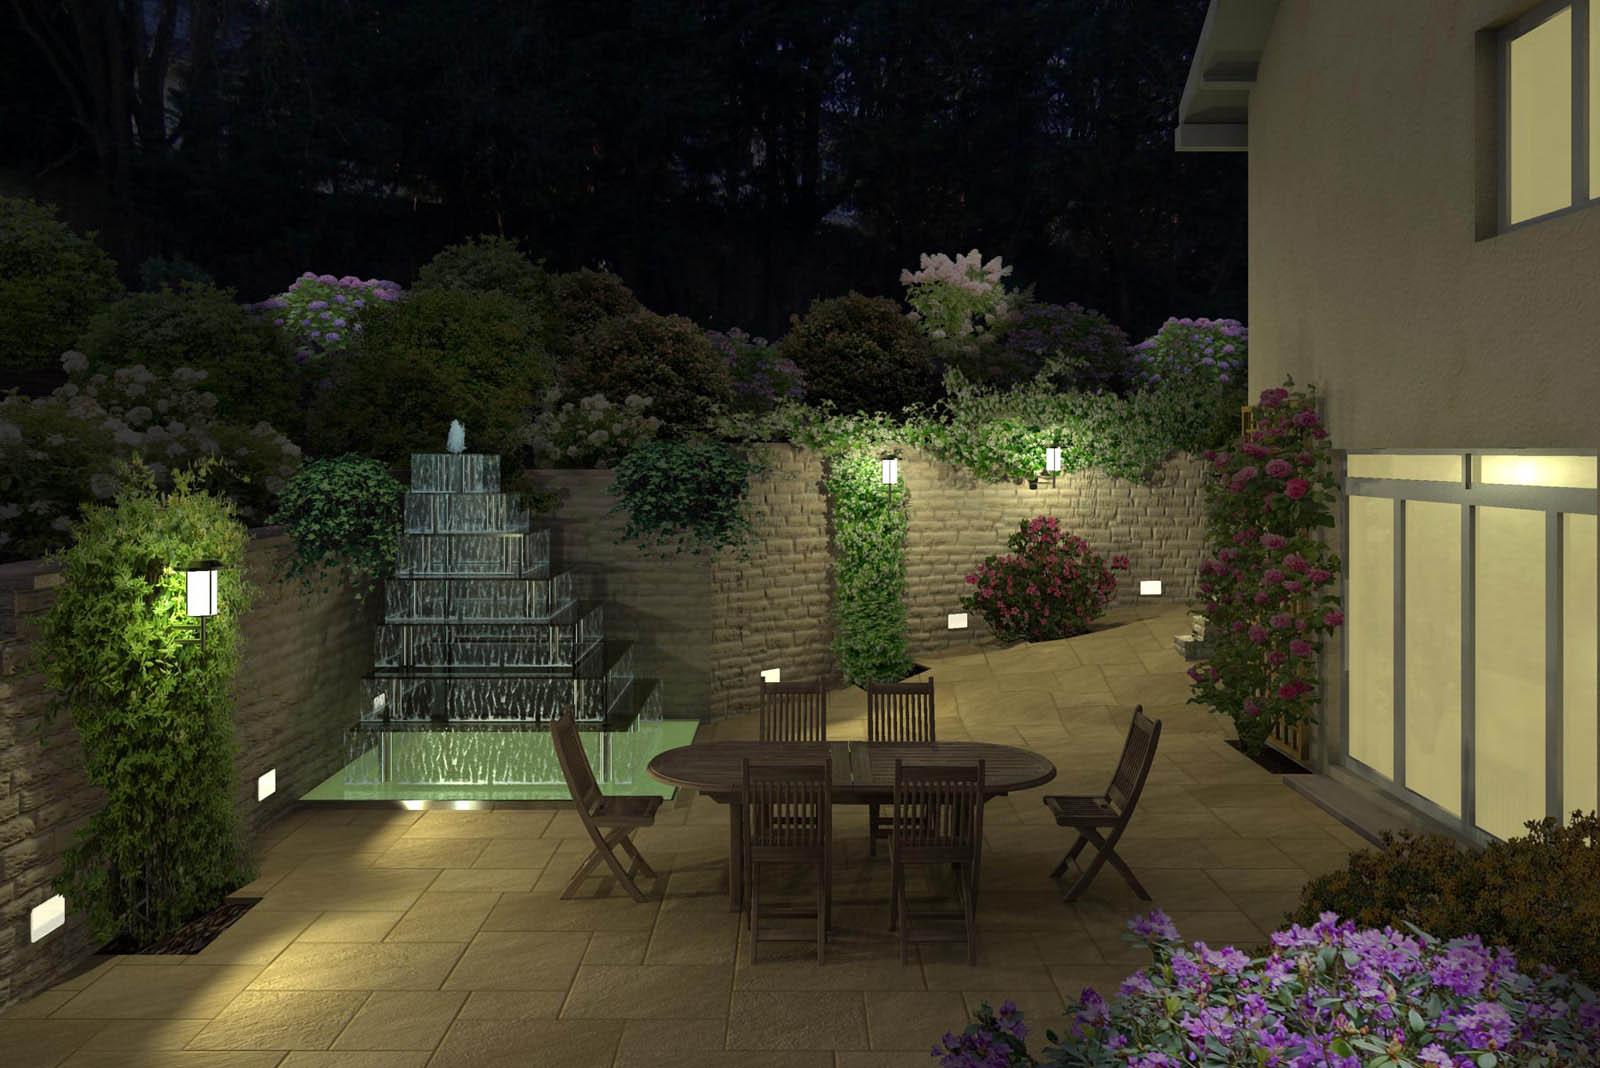 Eclairage jardin 3d for Eclairage d un jardin